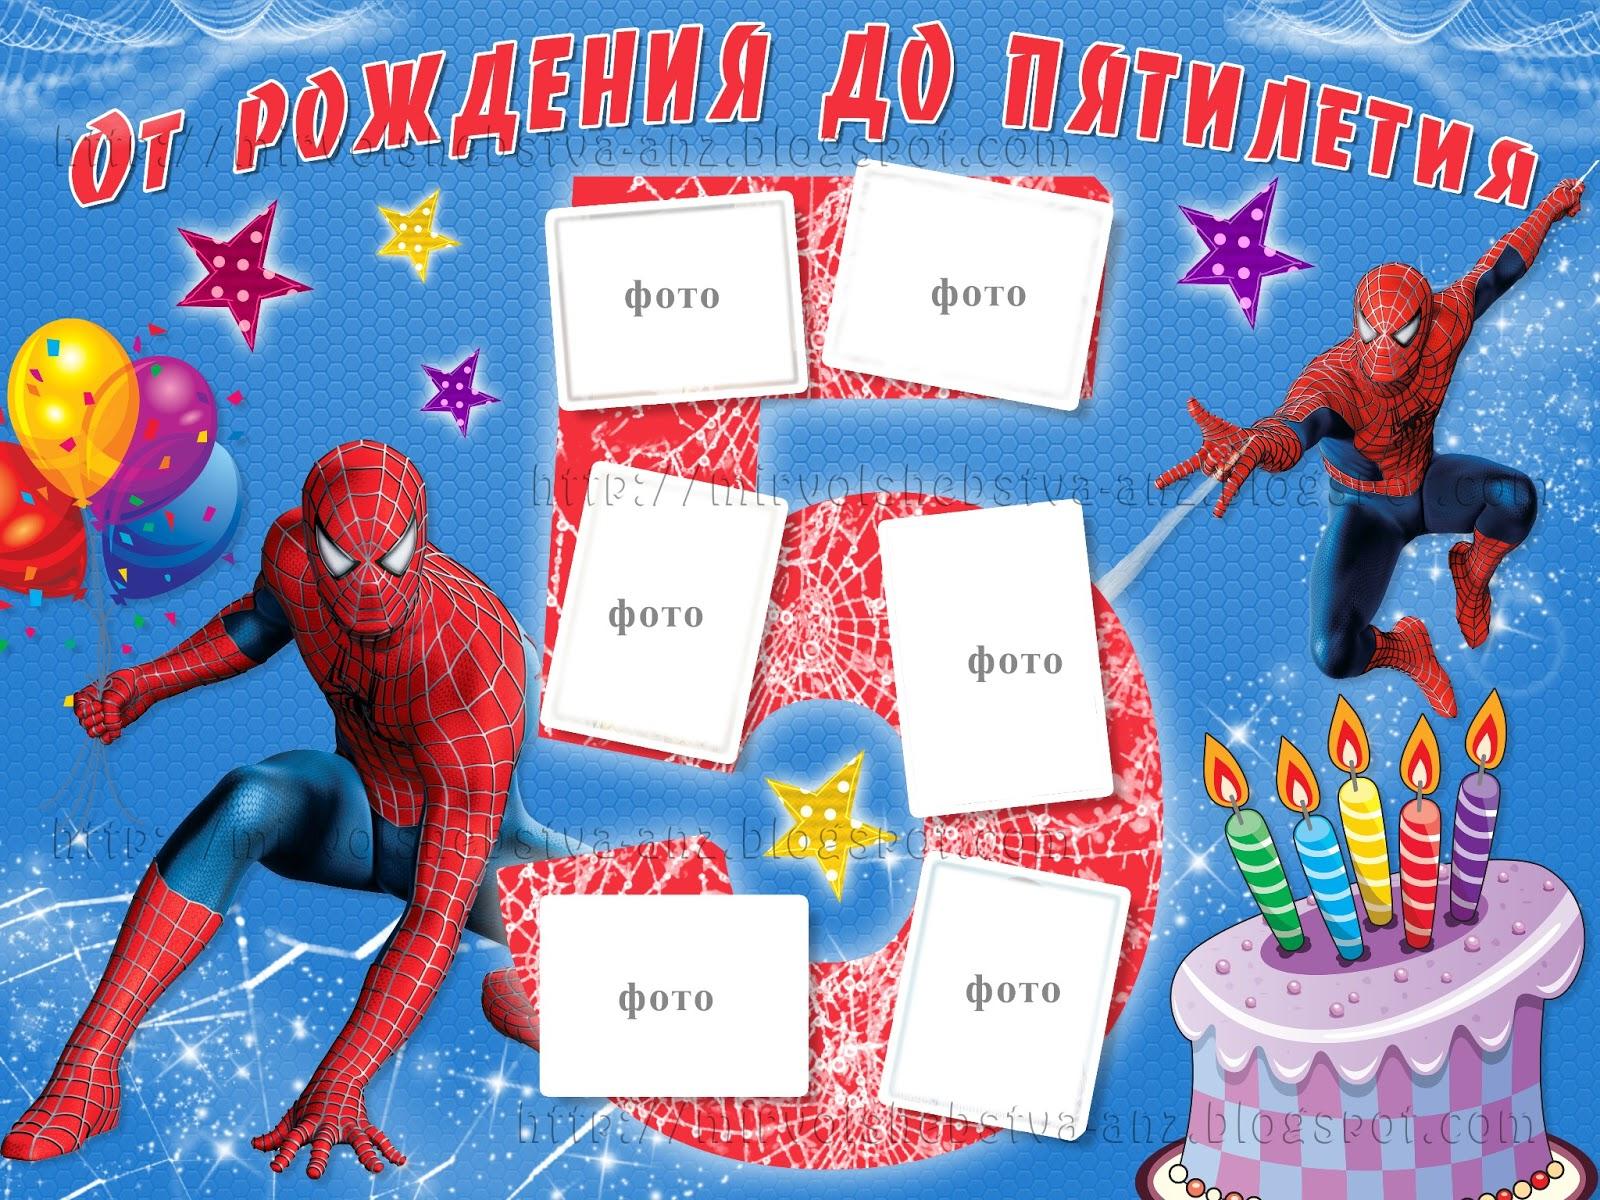 Открытки с днем рождения, поздравления с днем рождения, праздники